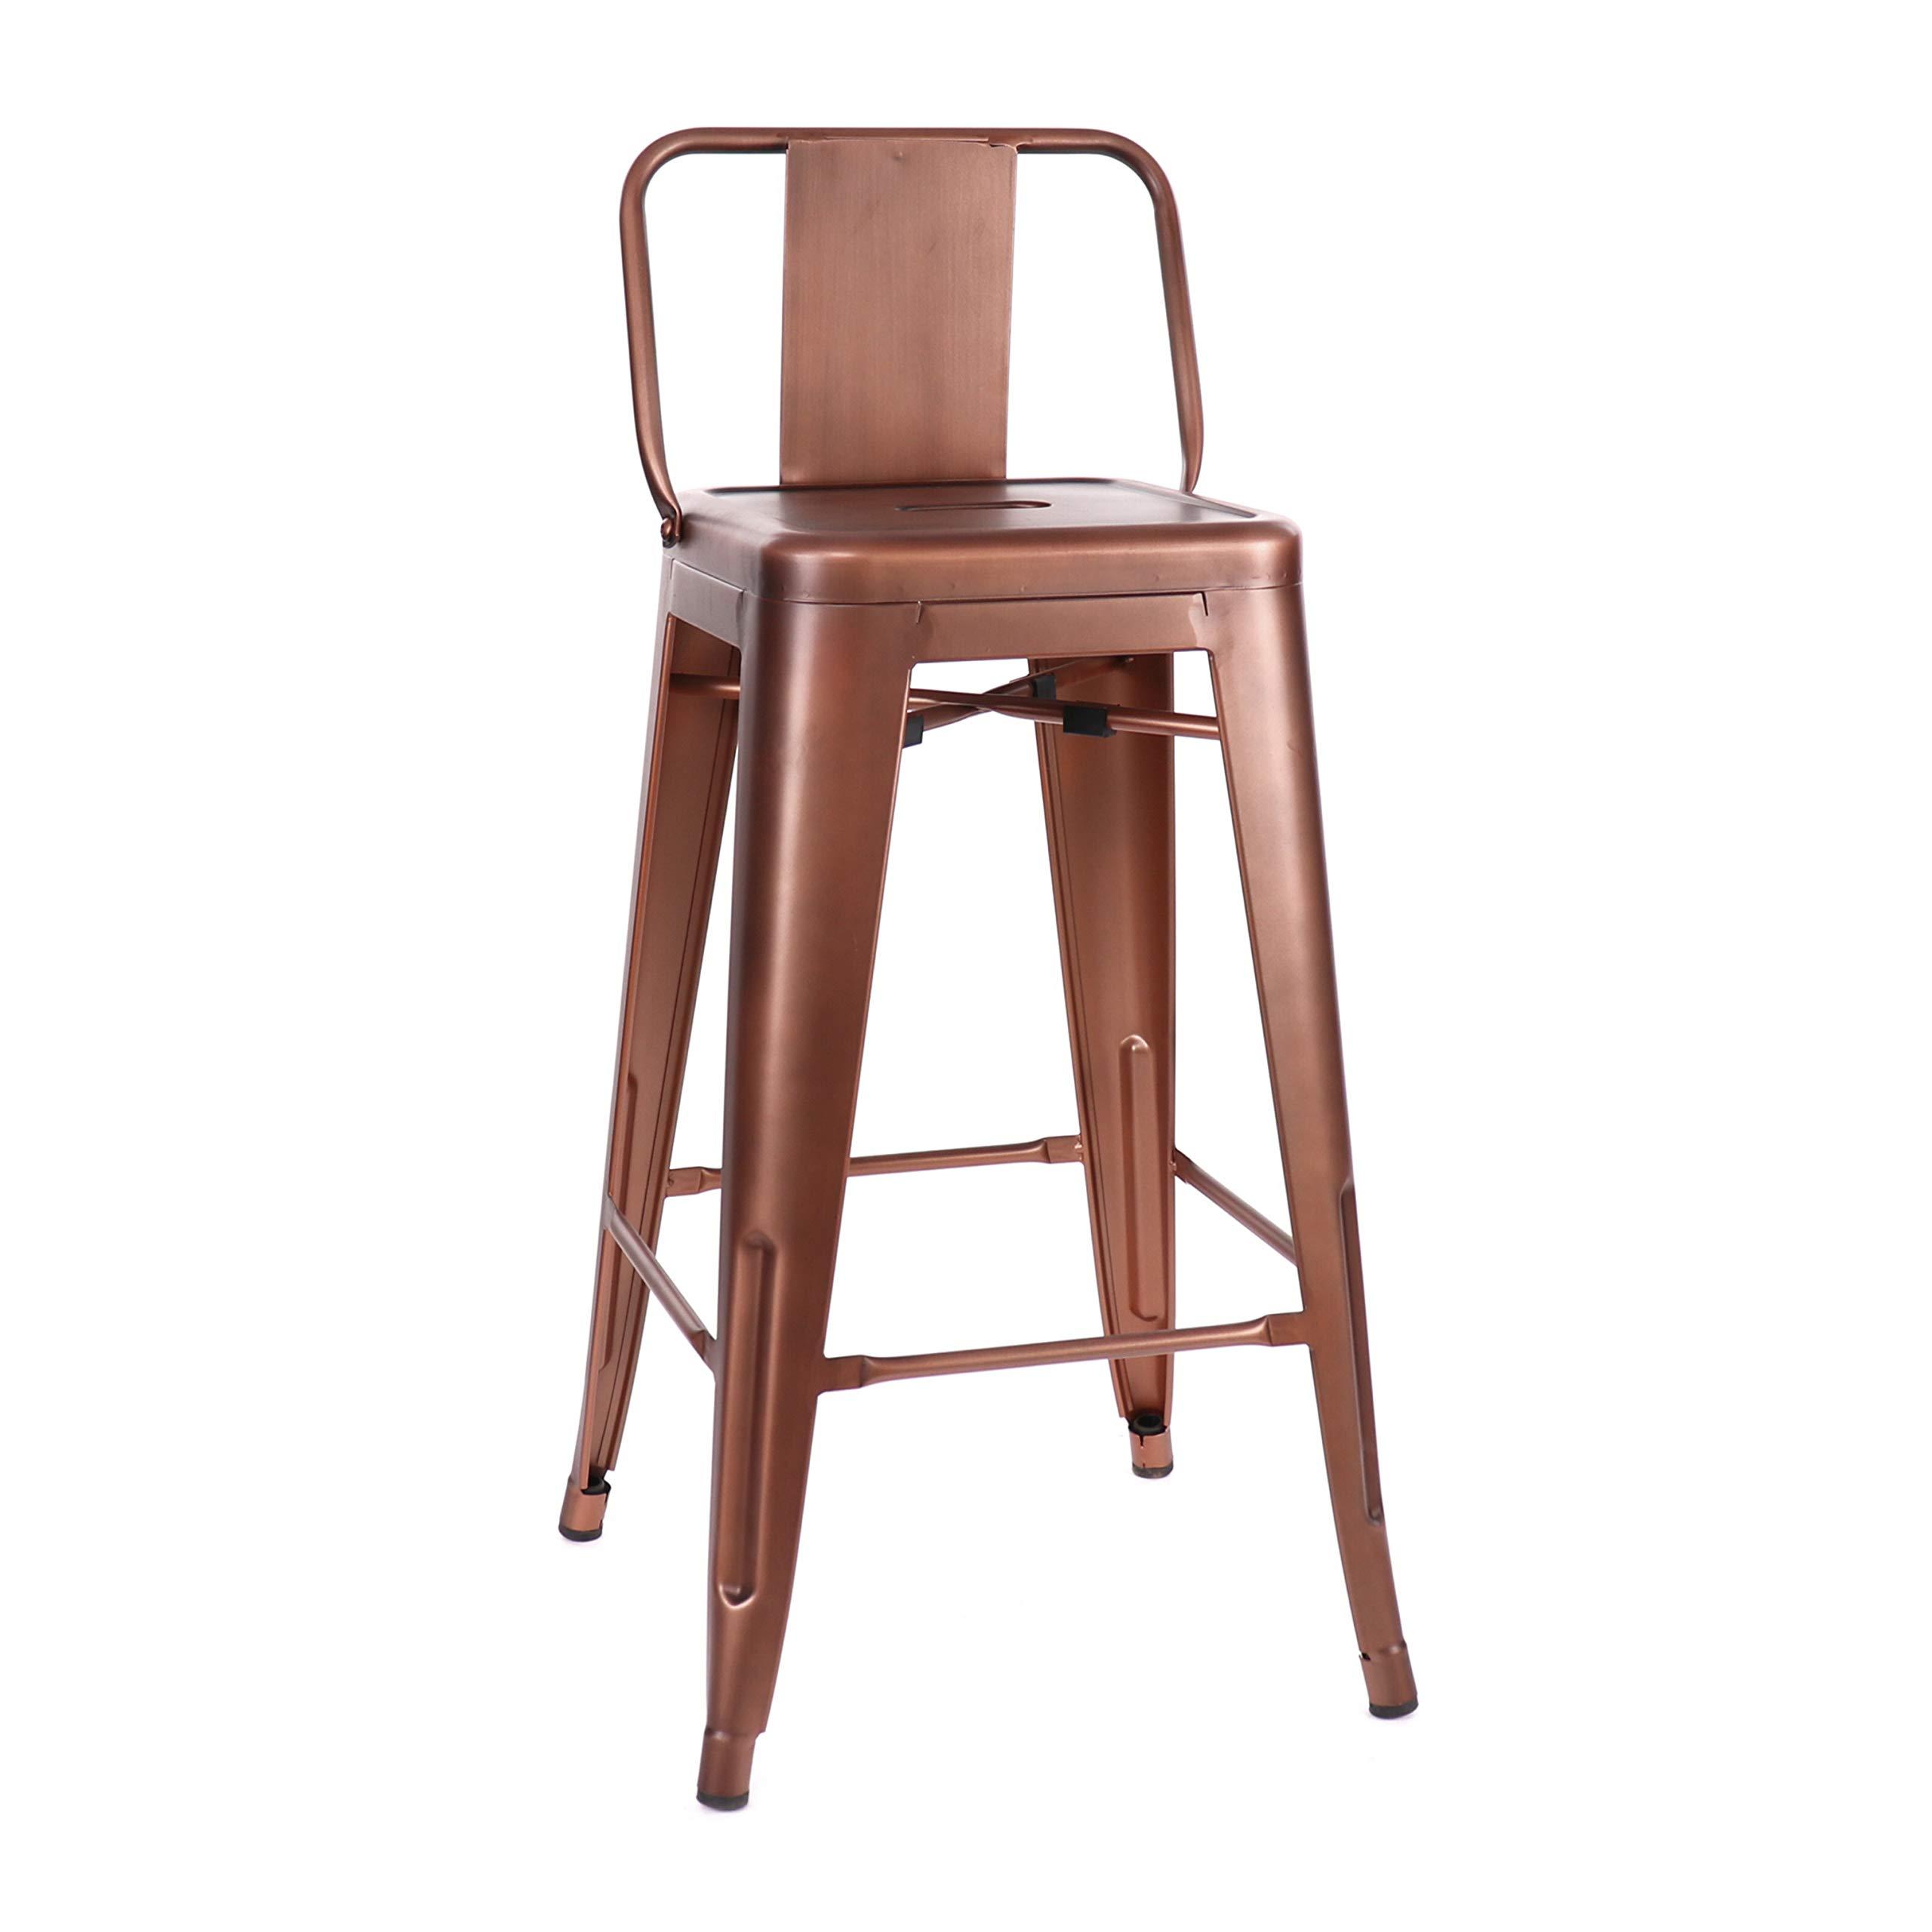 Design Lab MN LS-9102-COPLB Dreux Vintage Copper Low Back Counter Stool Set of 4